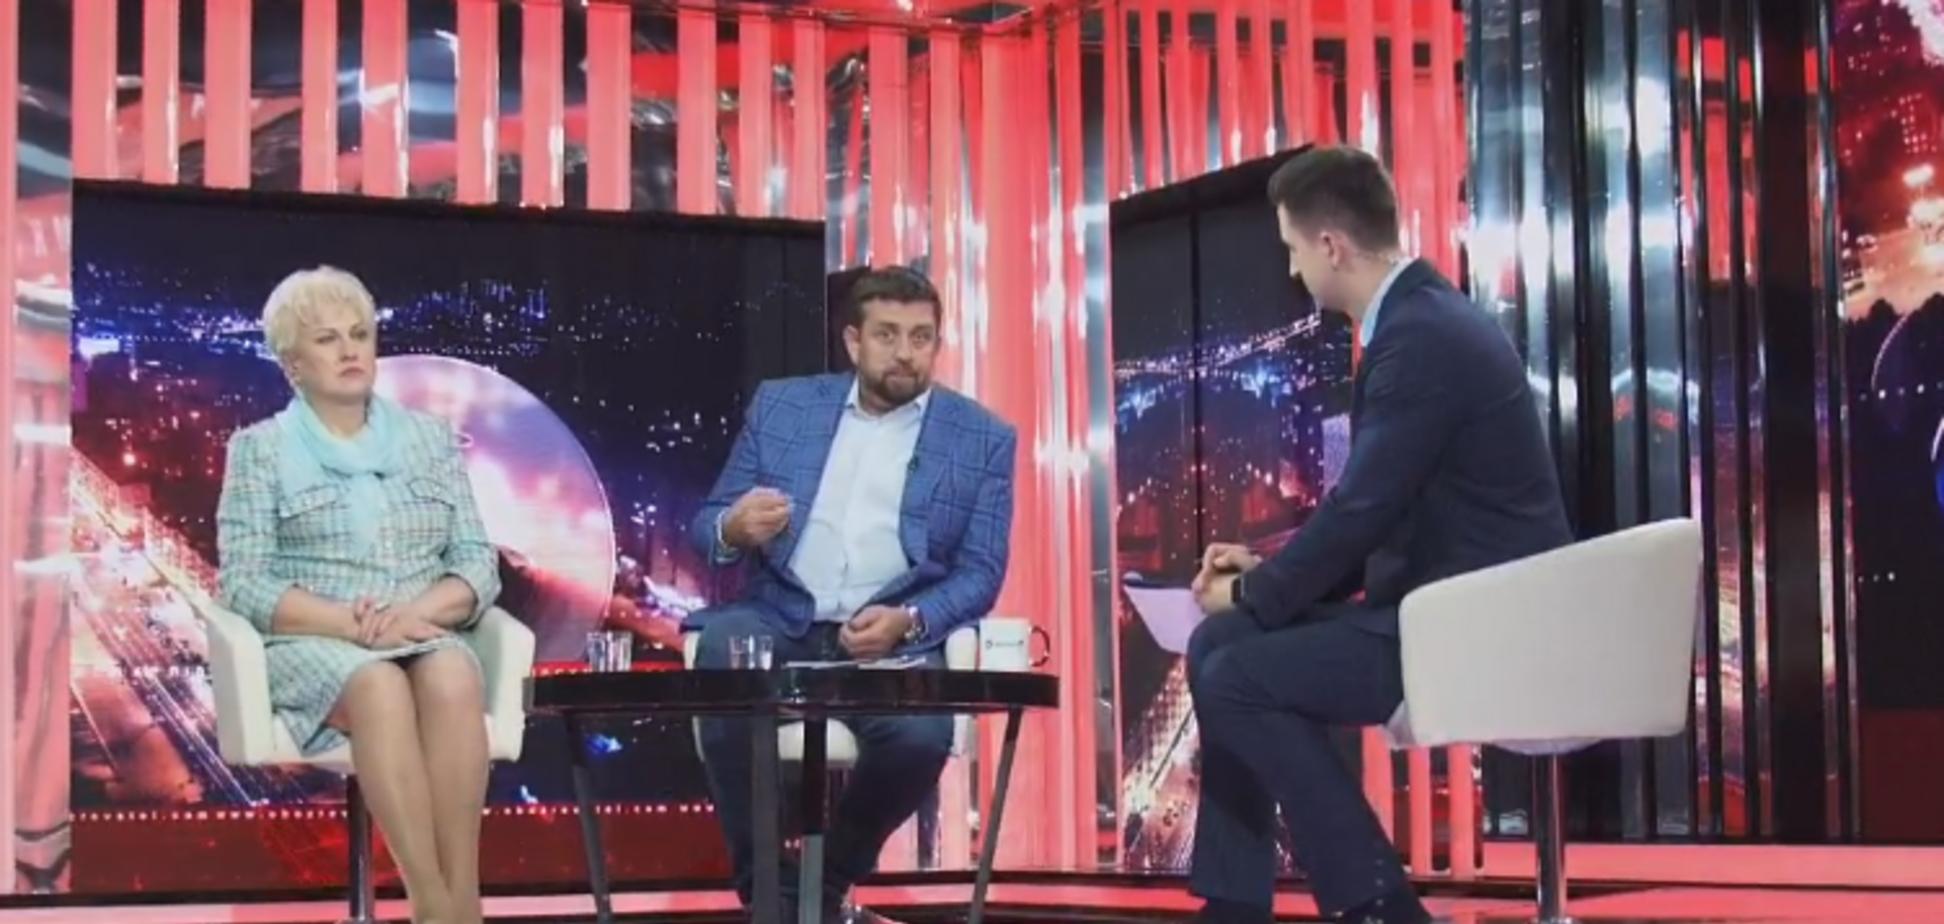 Авария на 'Титане' произошла не из-за недостатка воды: эколог разоблачила манипуляции российской пропаганды